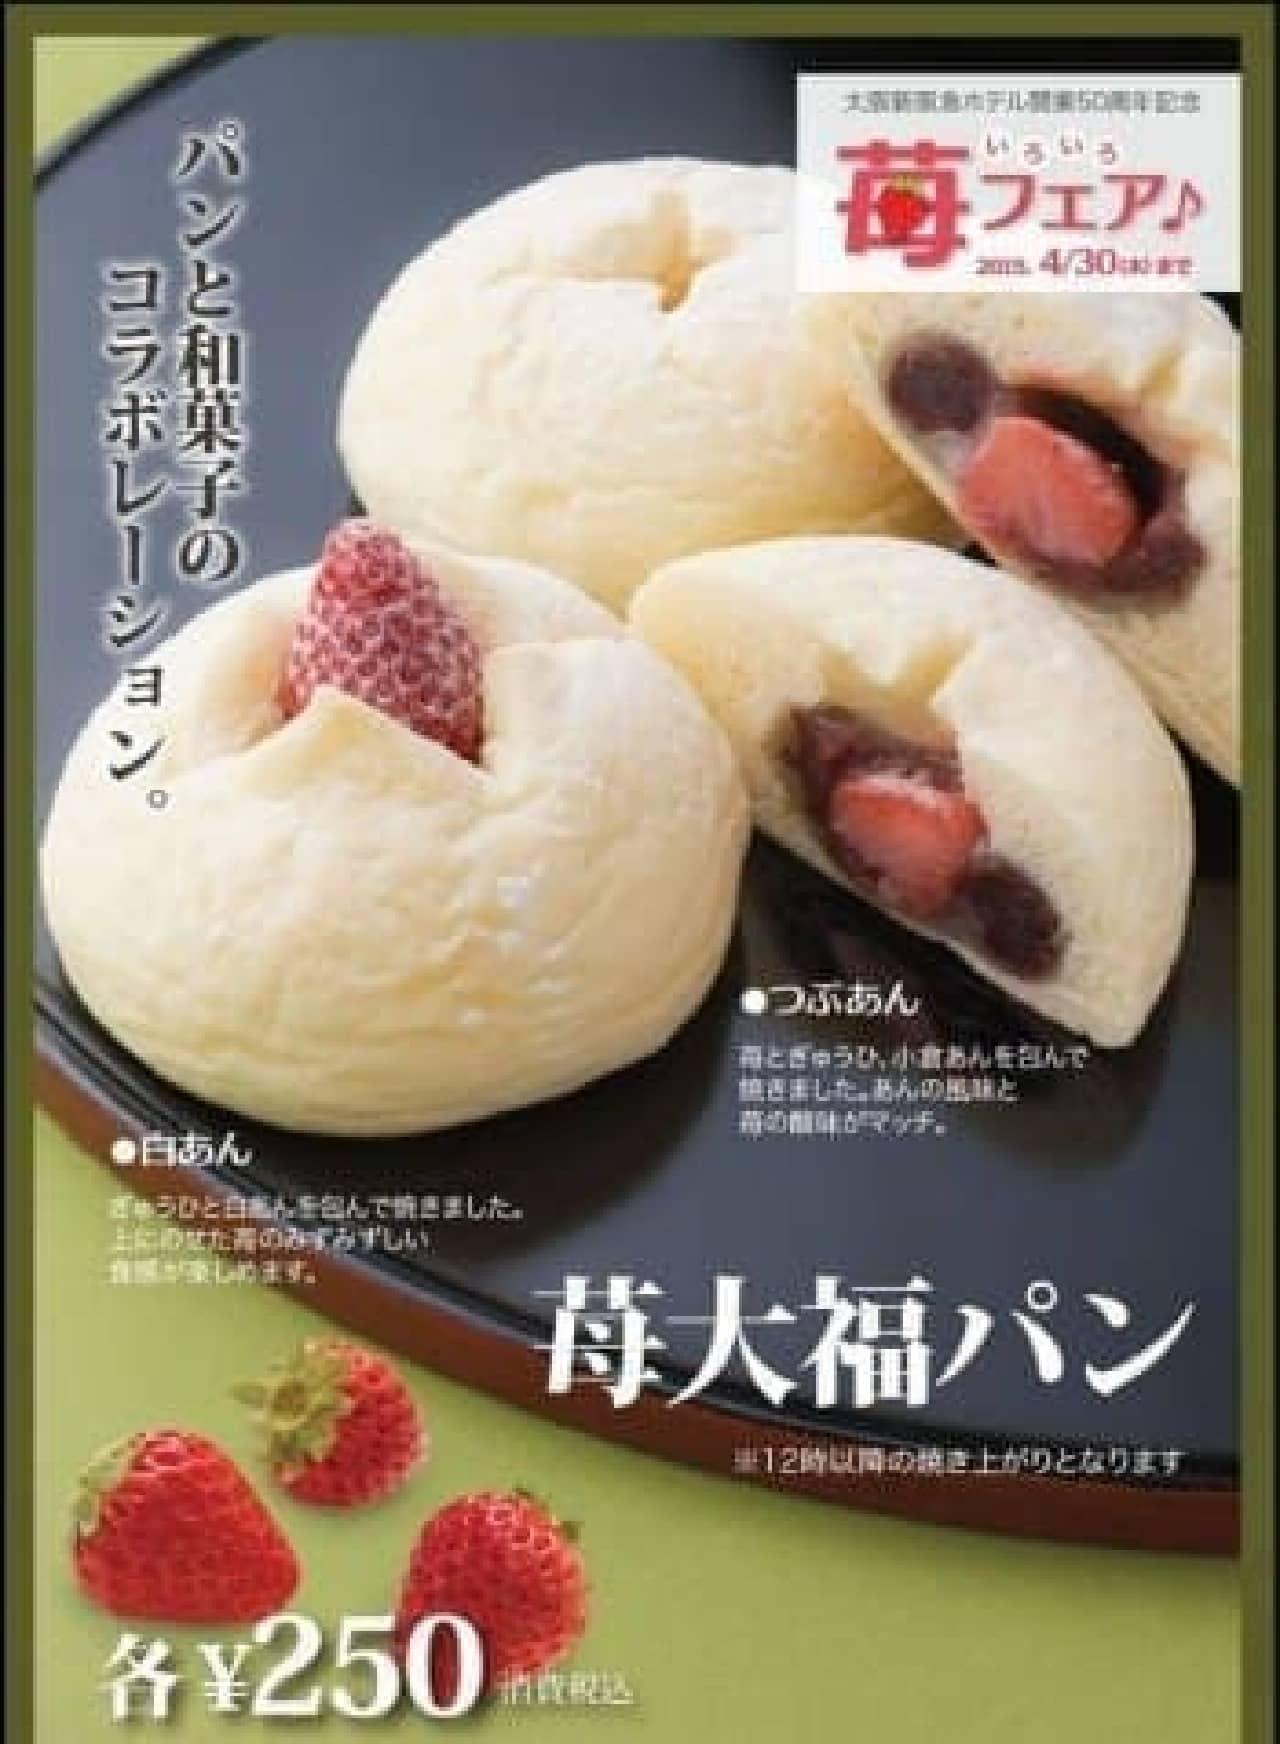 パンと和菓子のコラボレーション!